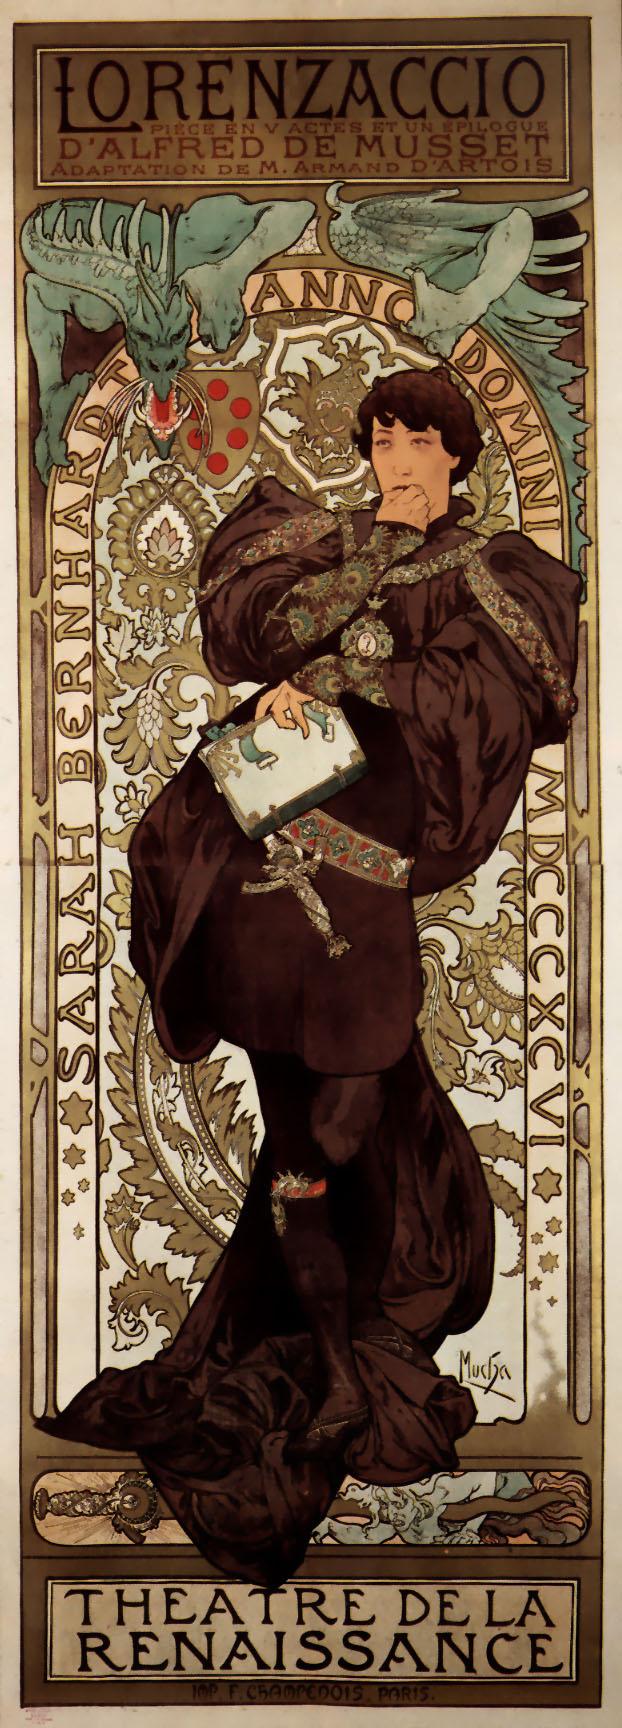 Lorenzaccio, Affiche de théâtre d'Alfons Mucha pour le théâtre de la Renaissance, 1896.